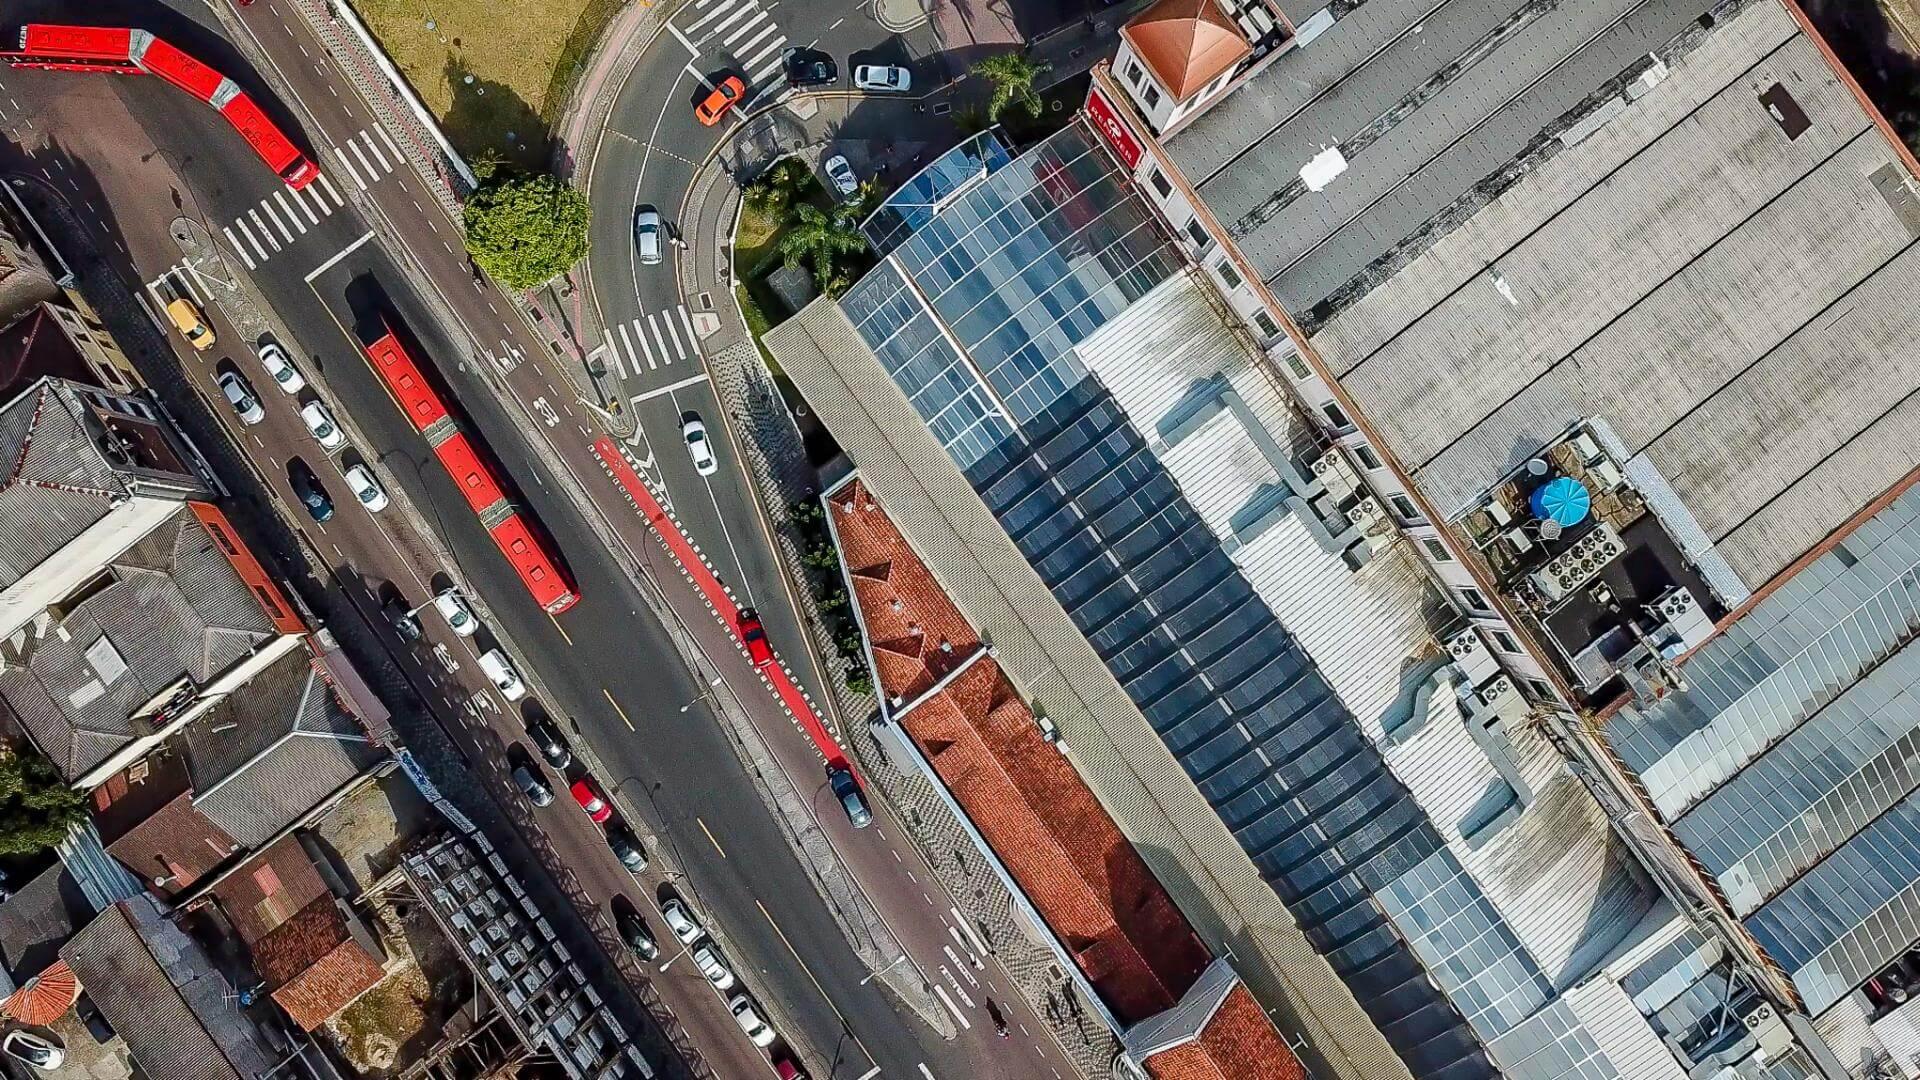 """Análise é de que, sistema não inova desde a década de 1990, com o surgimento dos """"ligeirinhos"""", a inserção dos ônibus biarticulados na frota e a integração entre a rede de transporte de Curitiba com a Rede Metropolitana em 1996. Fotos: Marcos Solivan/Sucom-UFPR, 2019"""